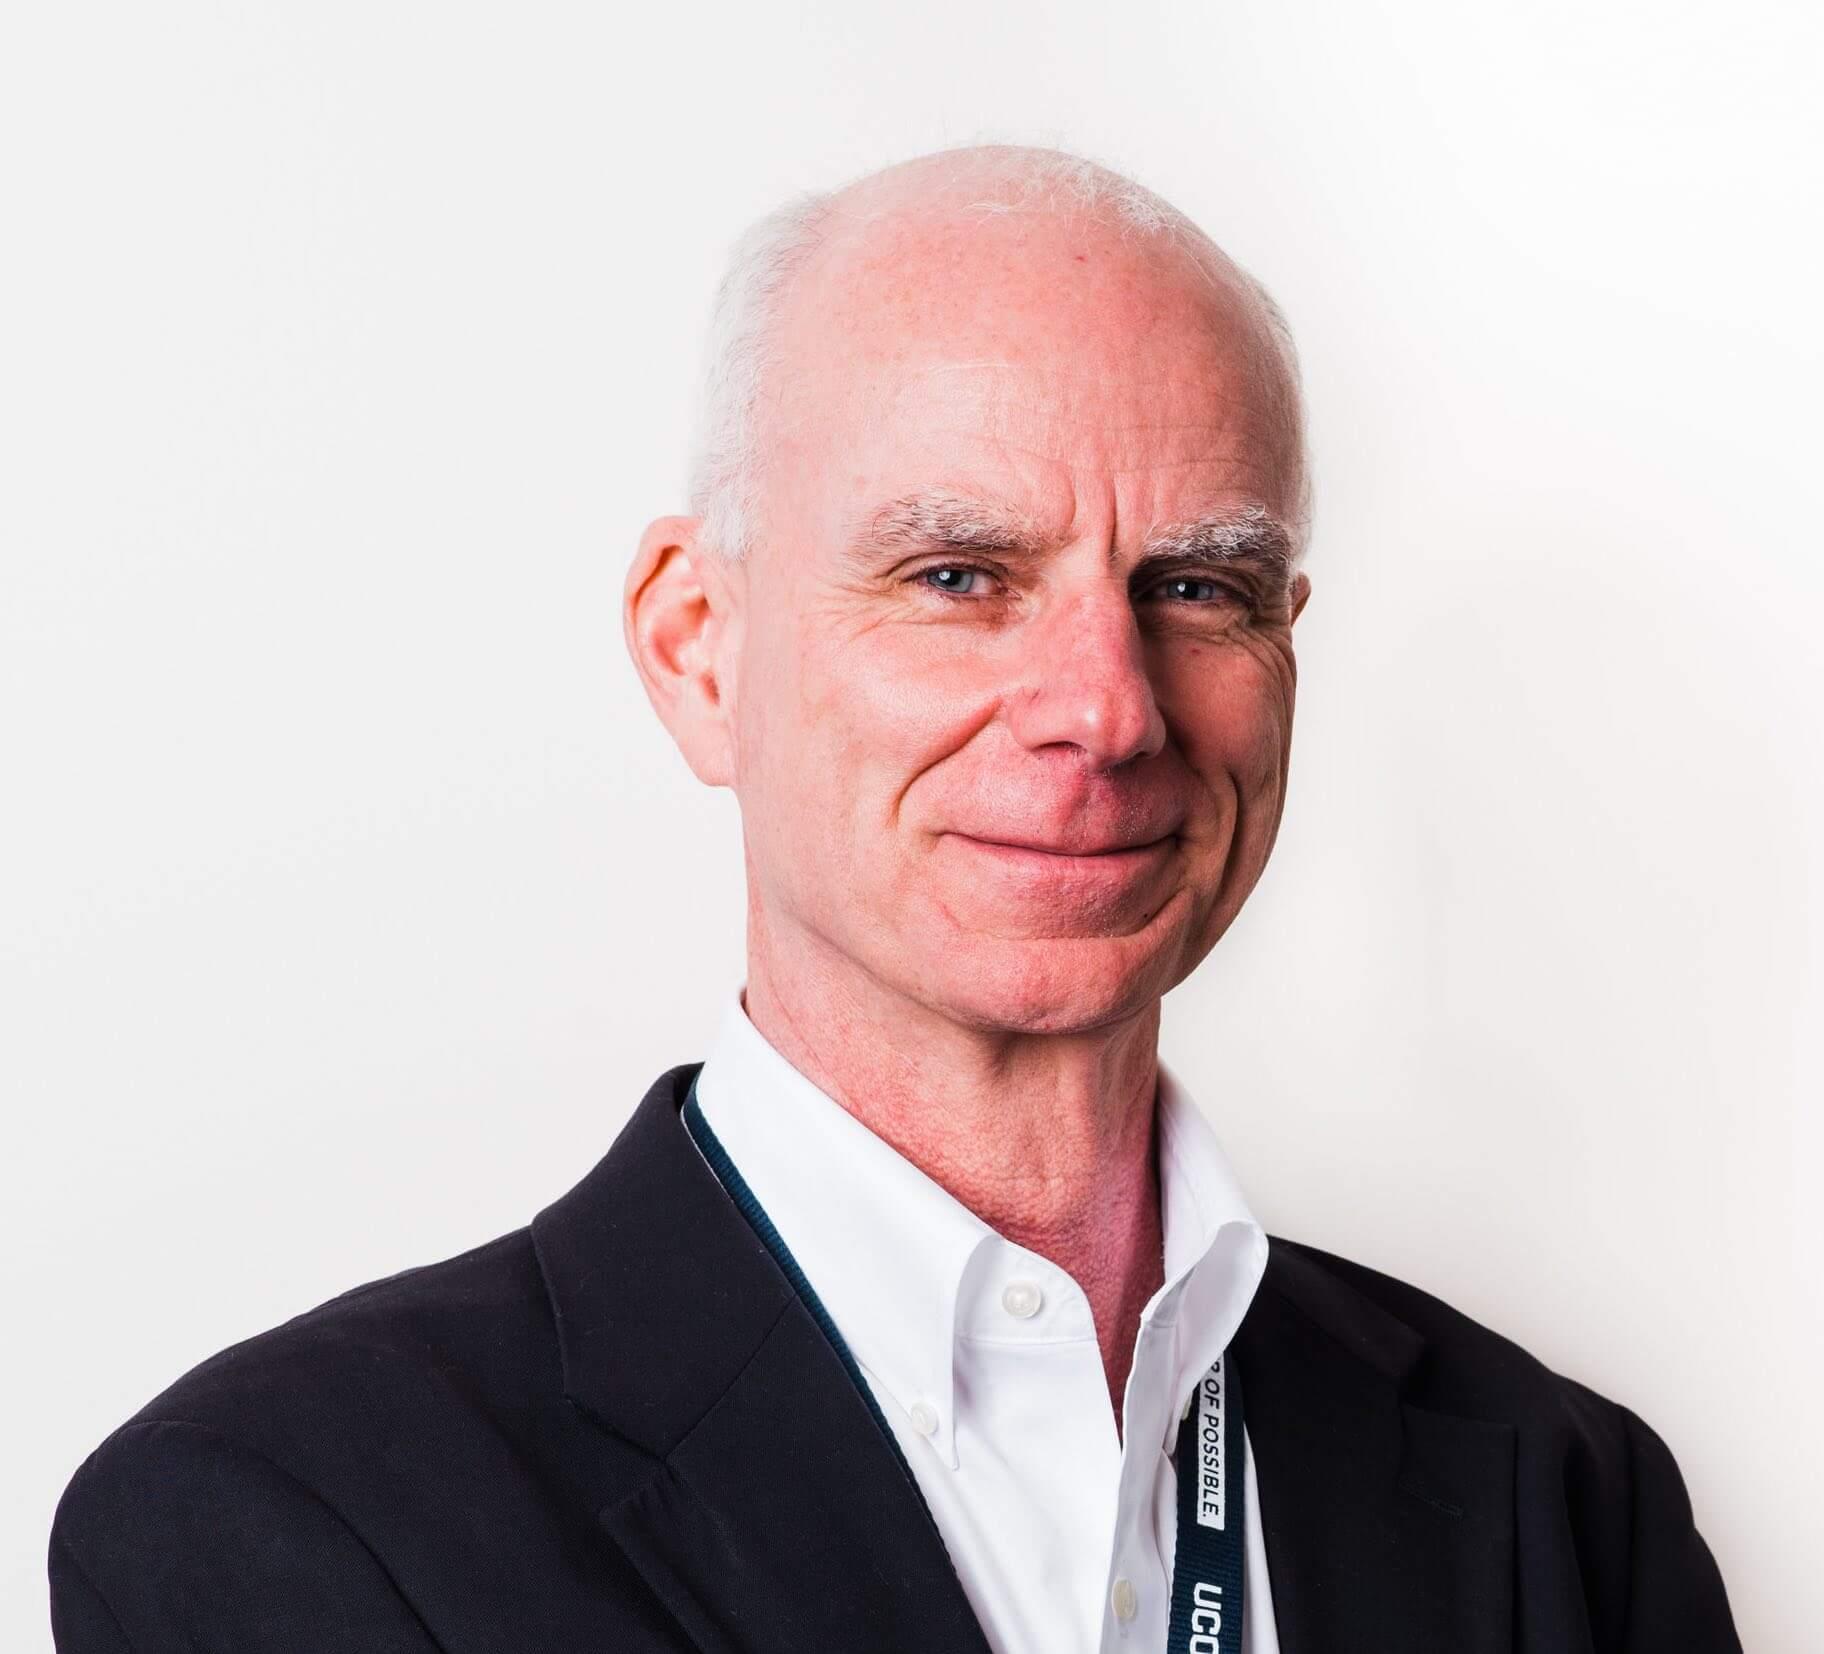 David Dodds Ph.D.